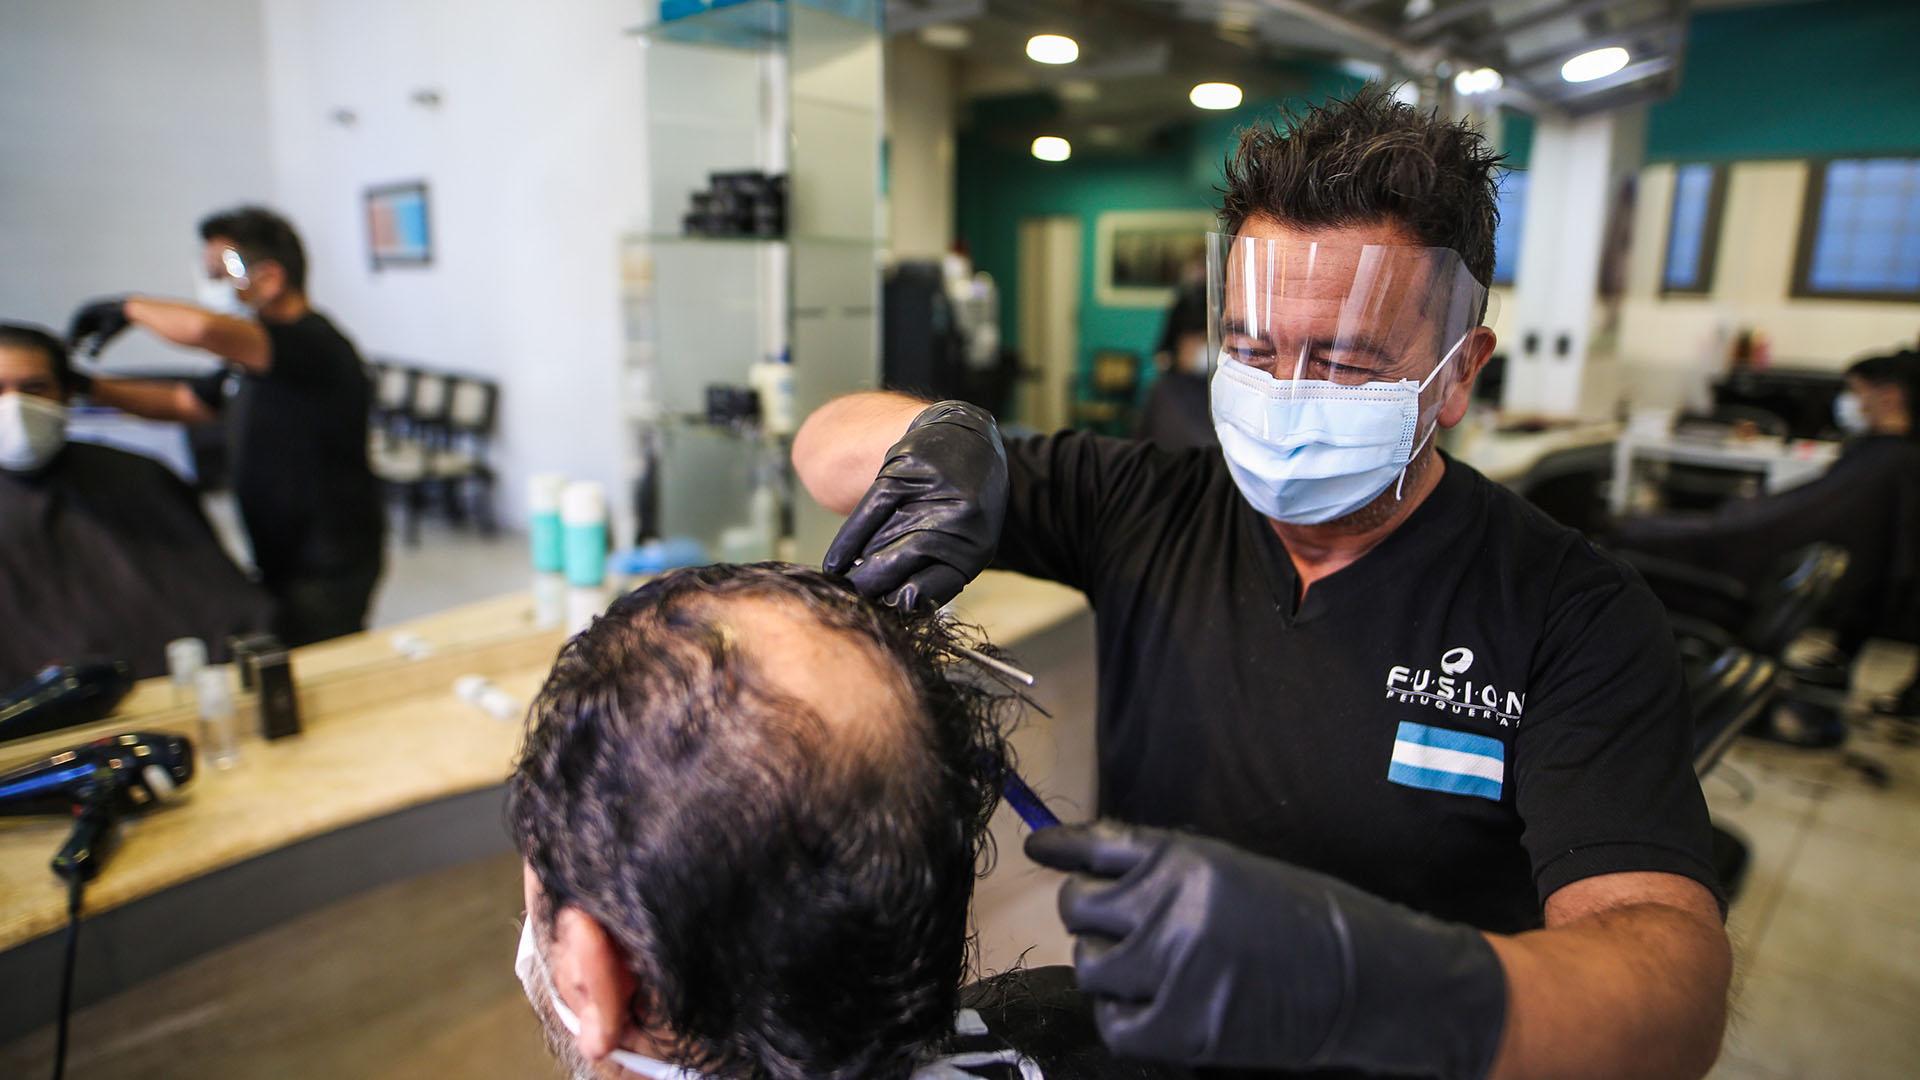 El protocolo marplatense para las peluquerías indica que los clientes